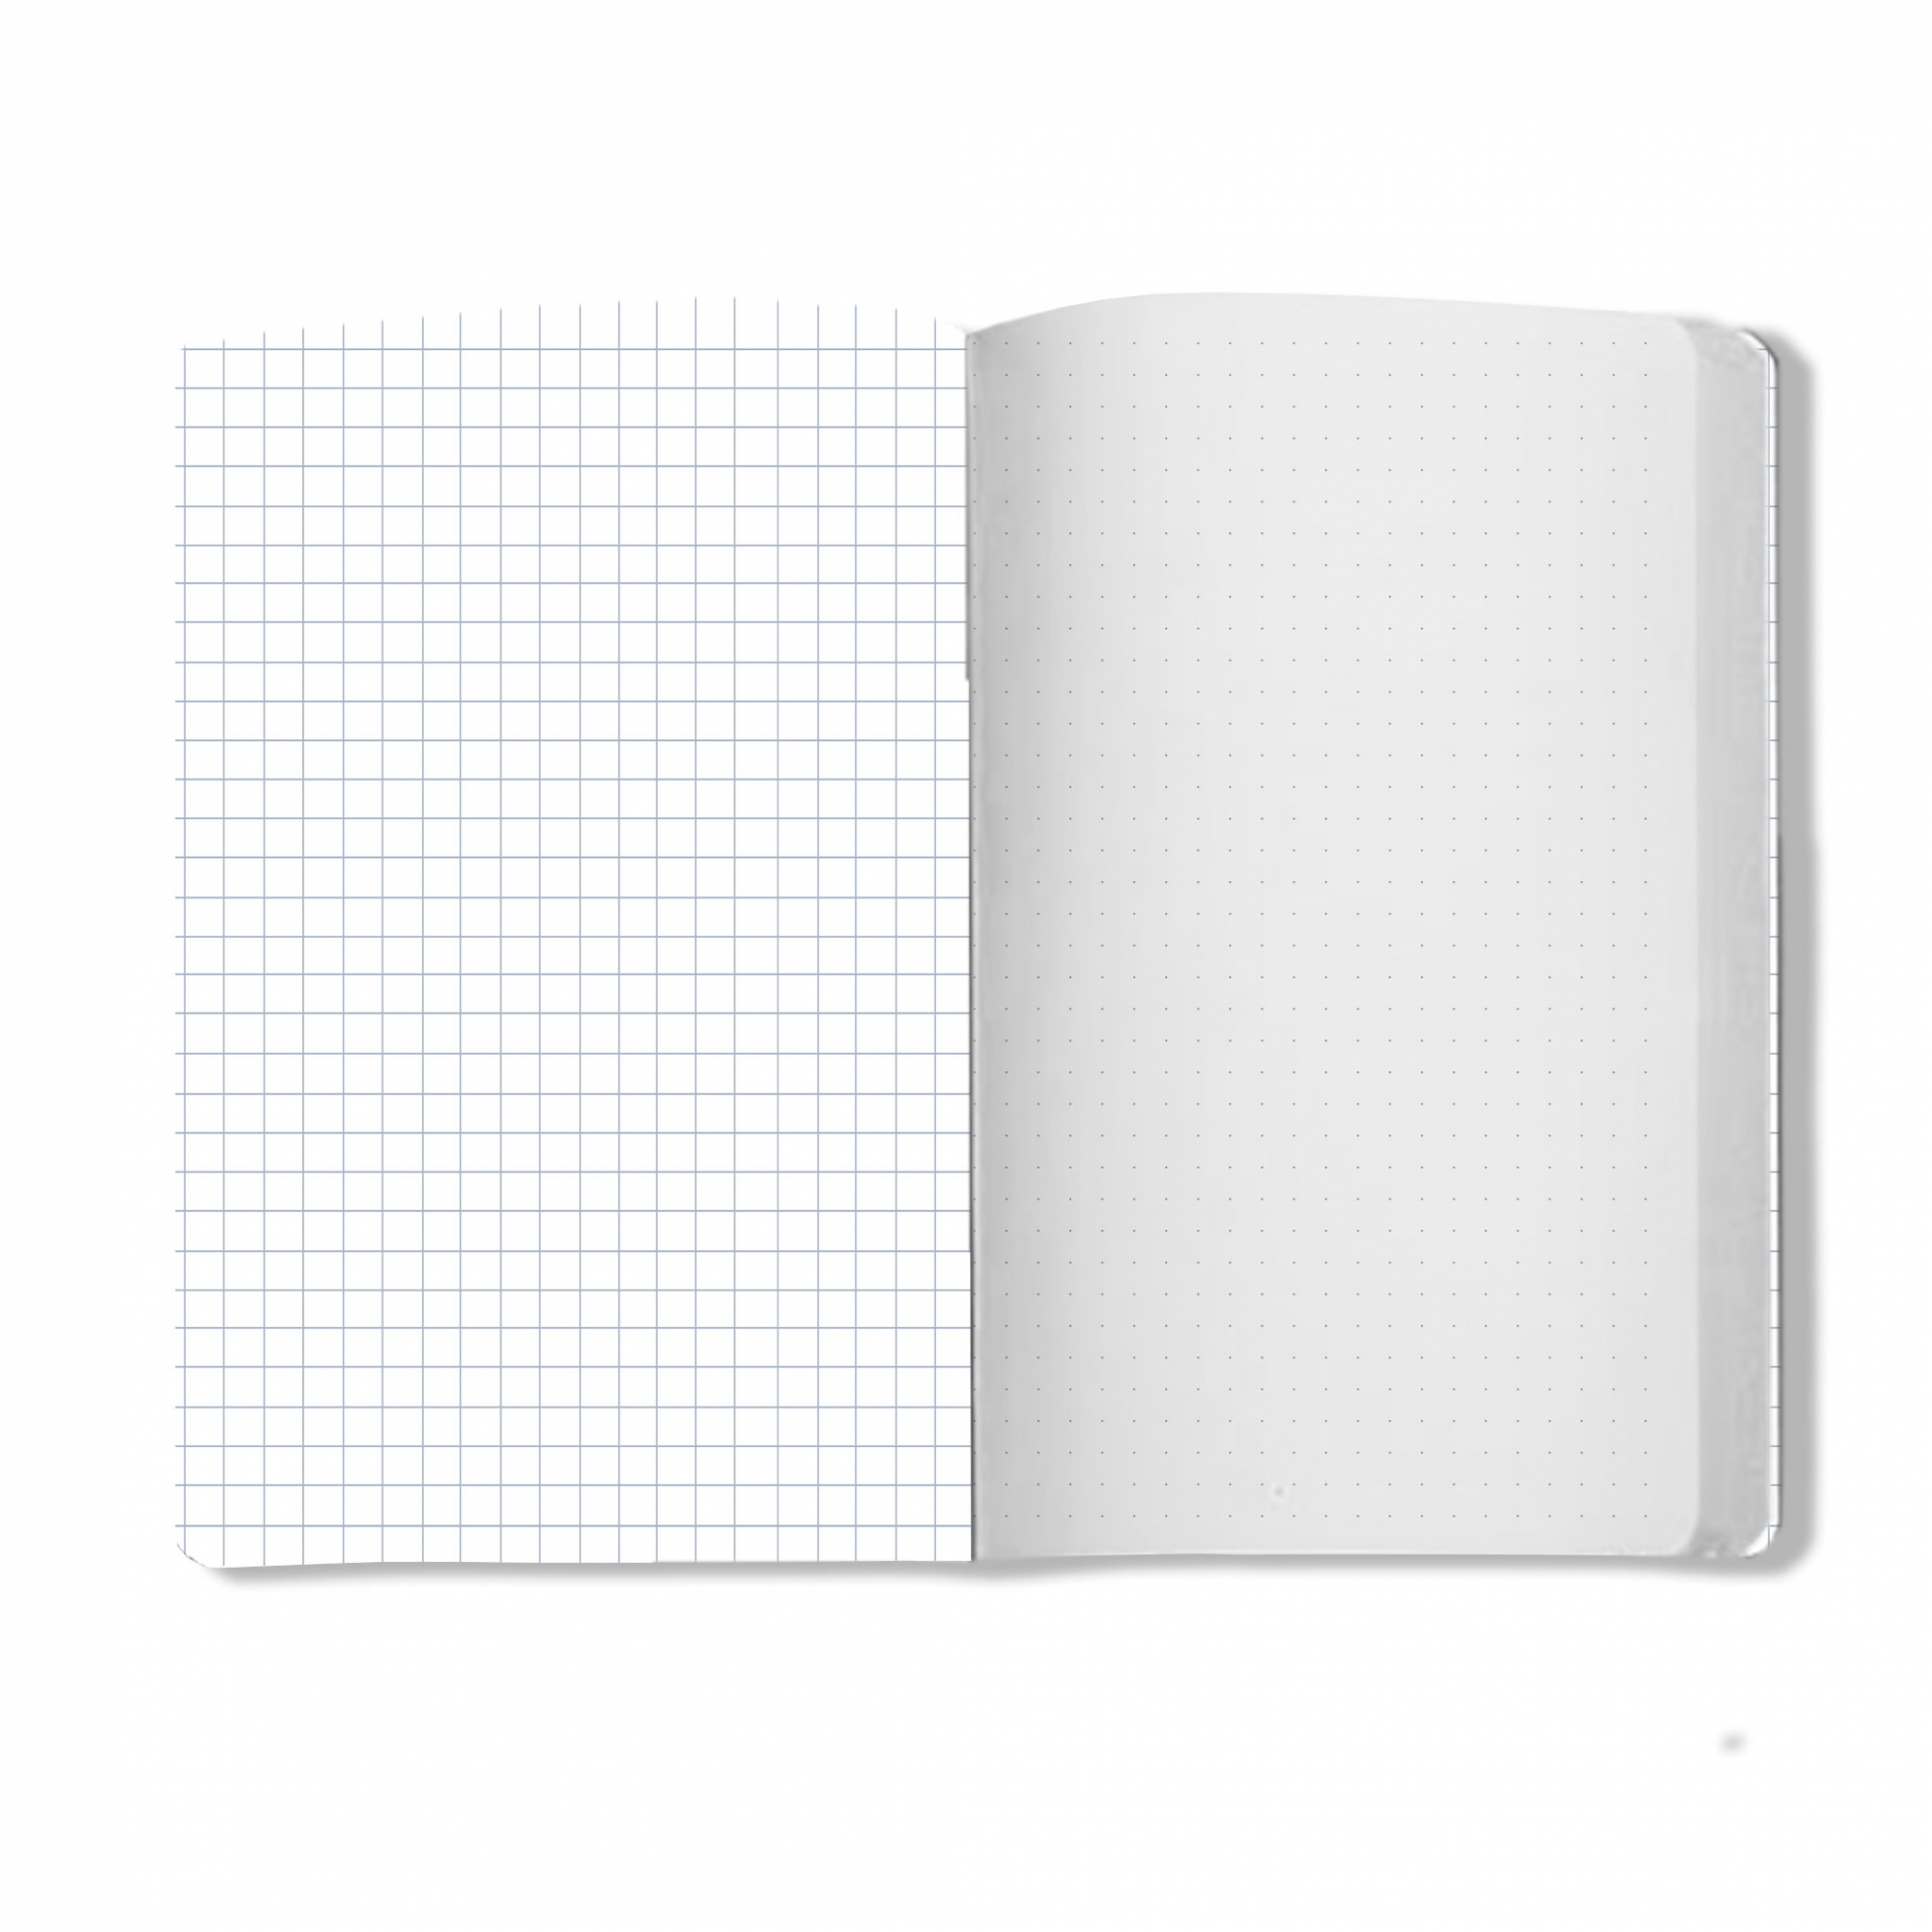 Caderno Xadrezinho - Scrap Minuto - Coleção Espalhando Amor / Juju Scrapbook  - JuJu Scrapbook